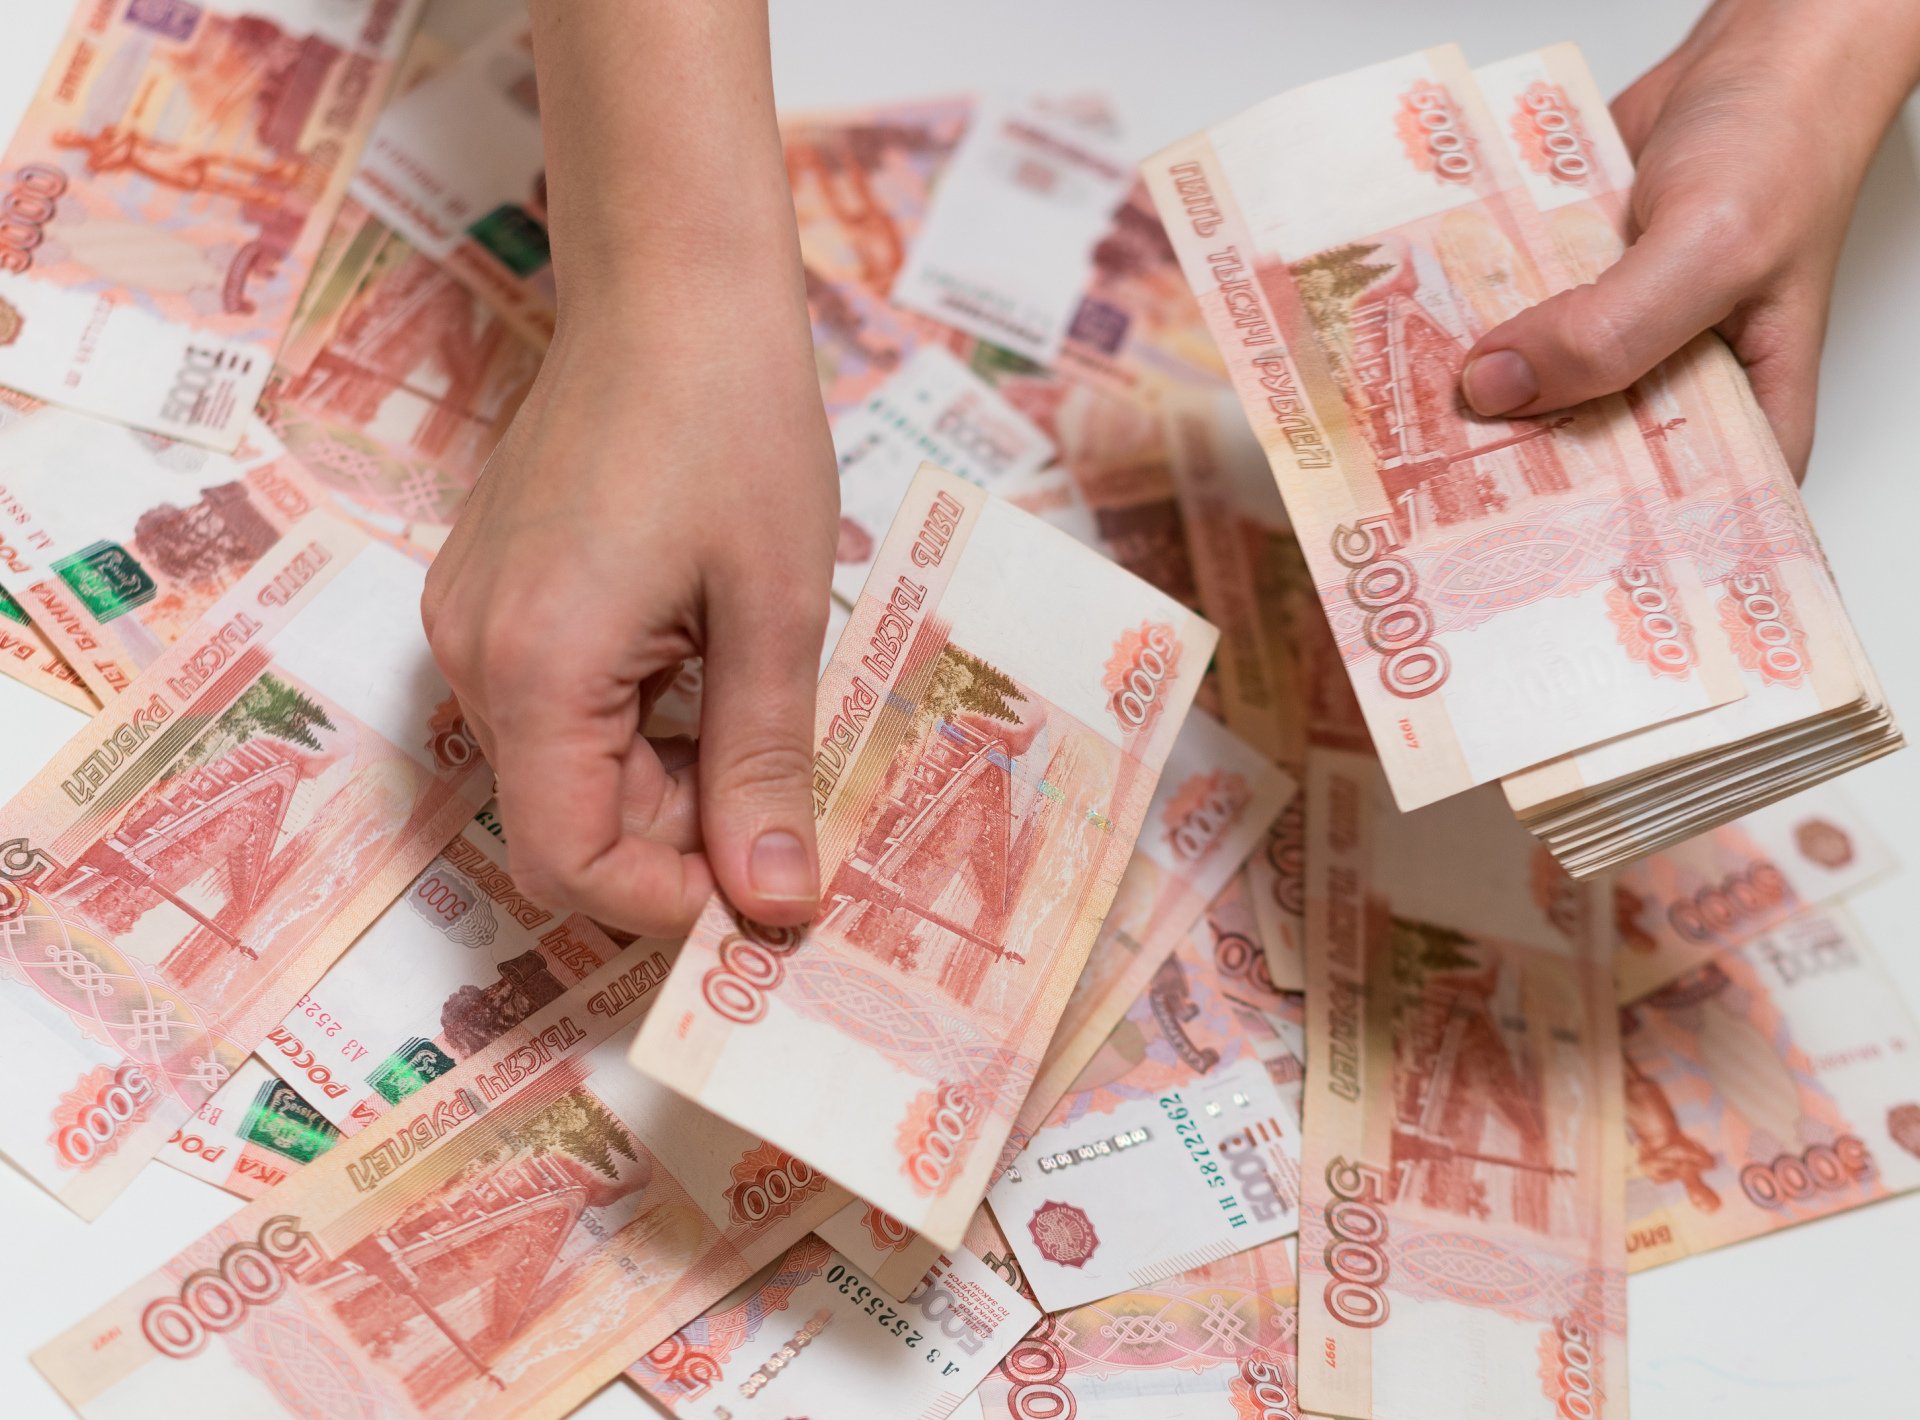 Главное для продавца — это получить деньги в полном объеме